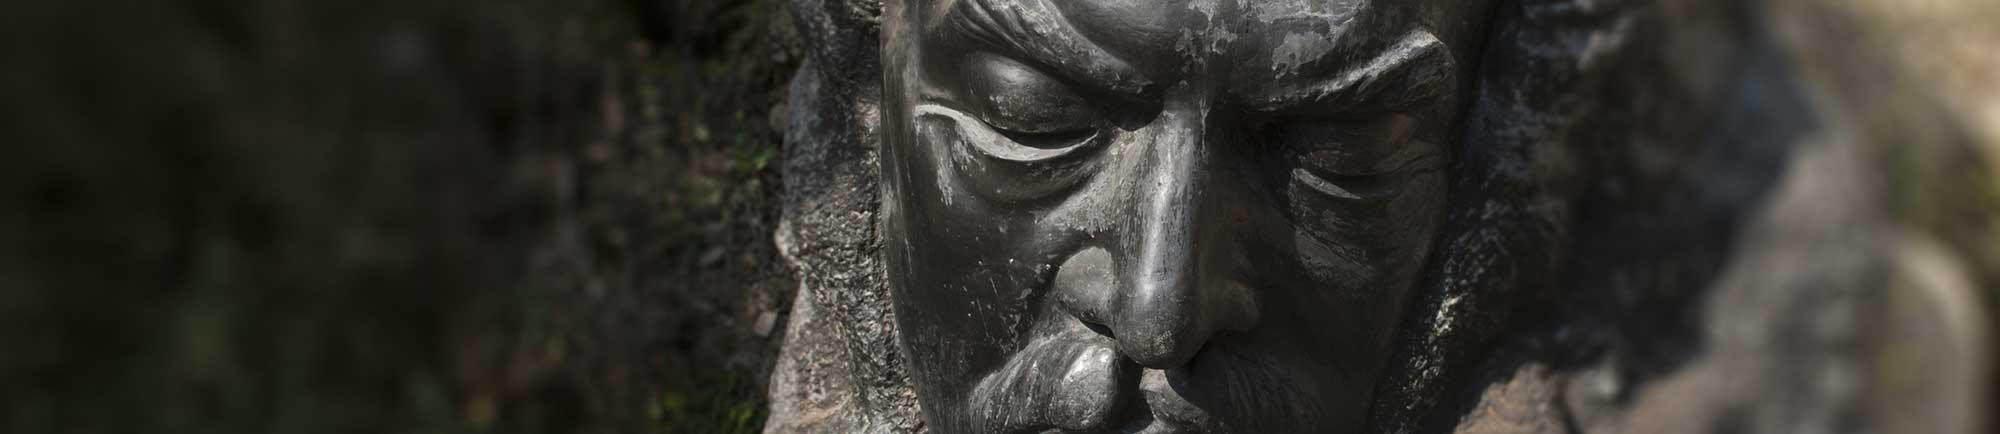 Khalil Gibran - Quote background